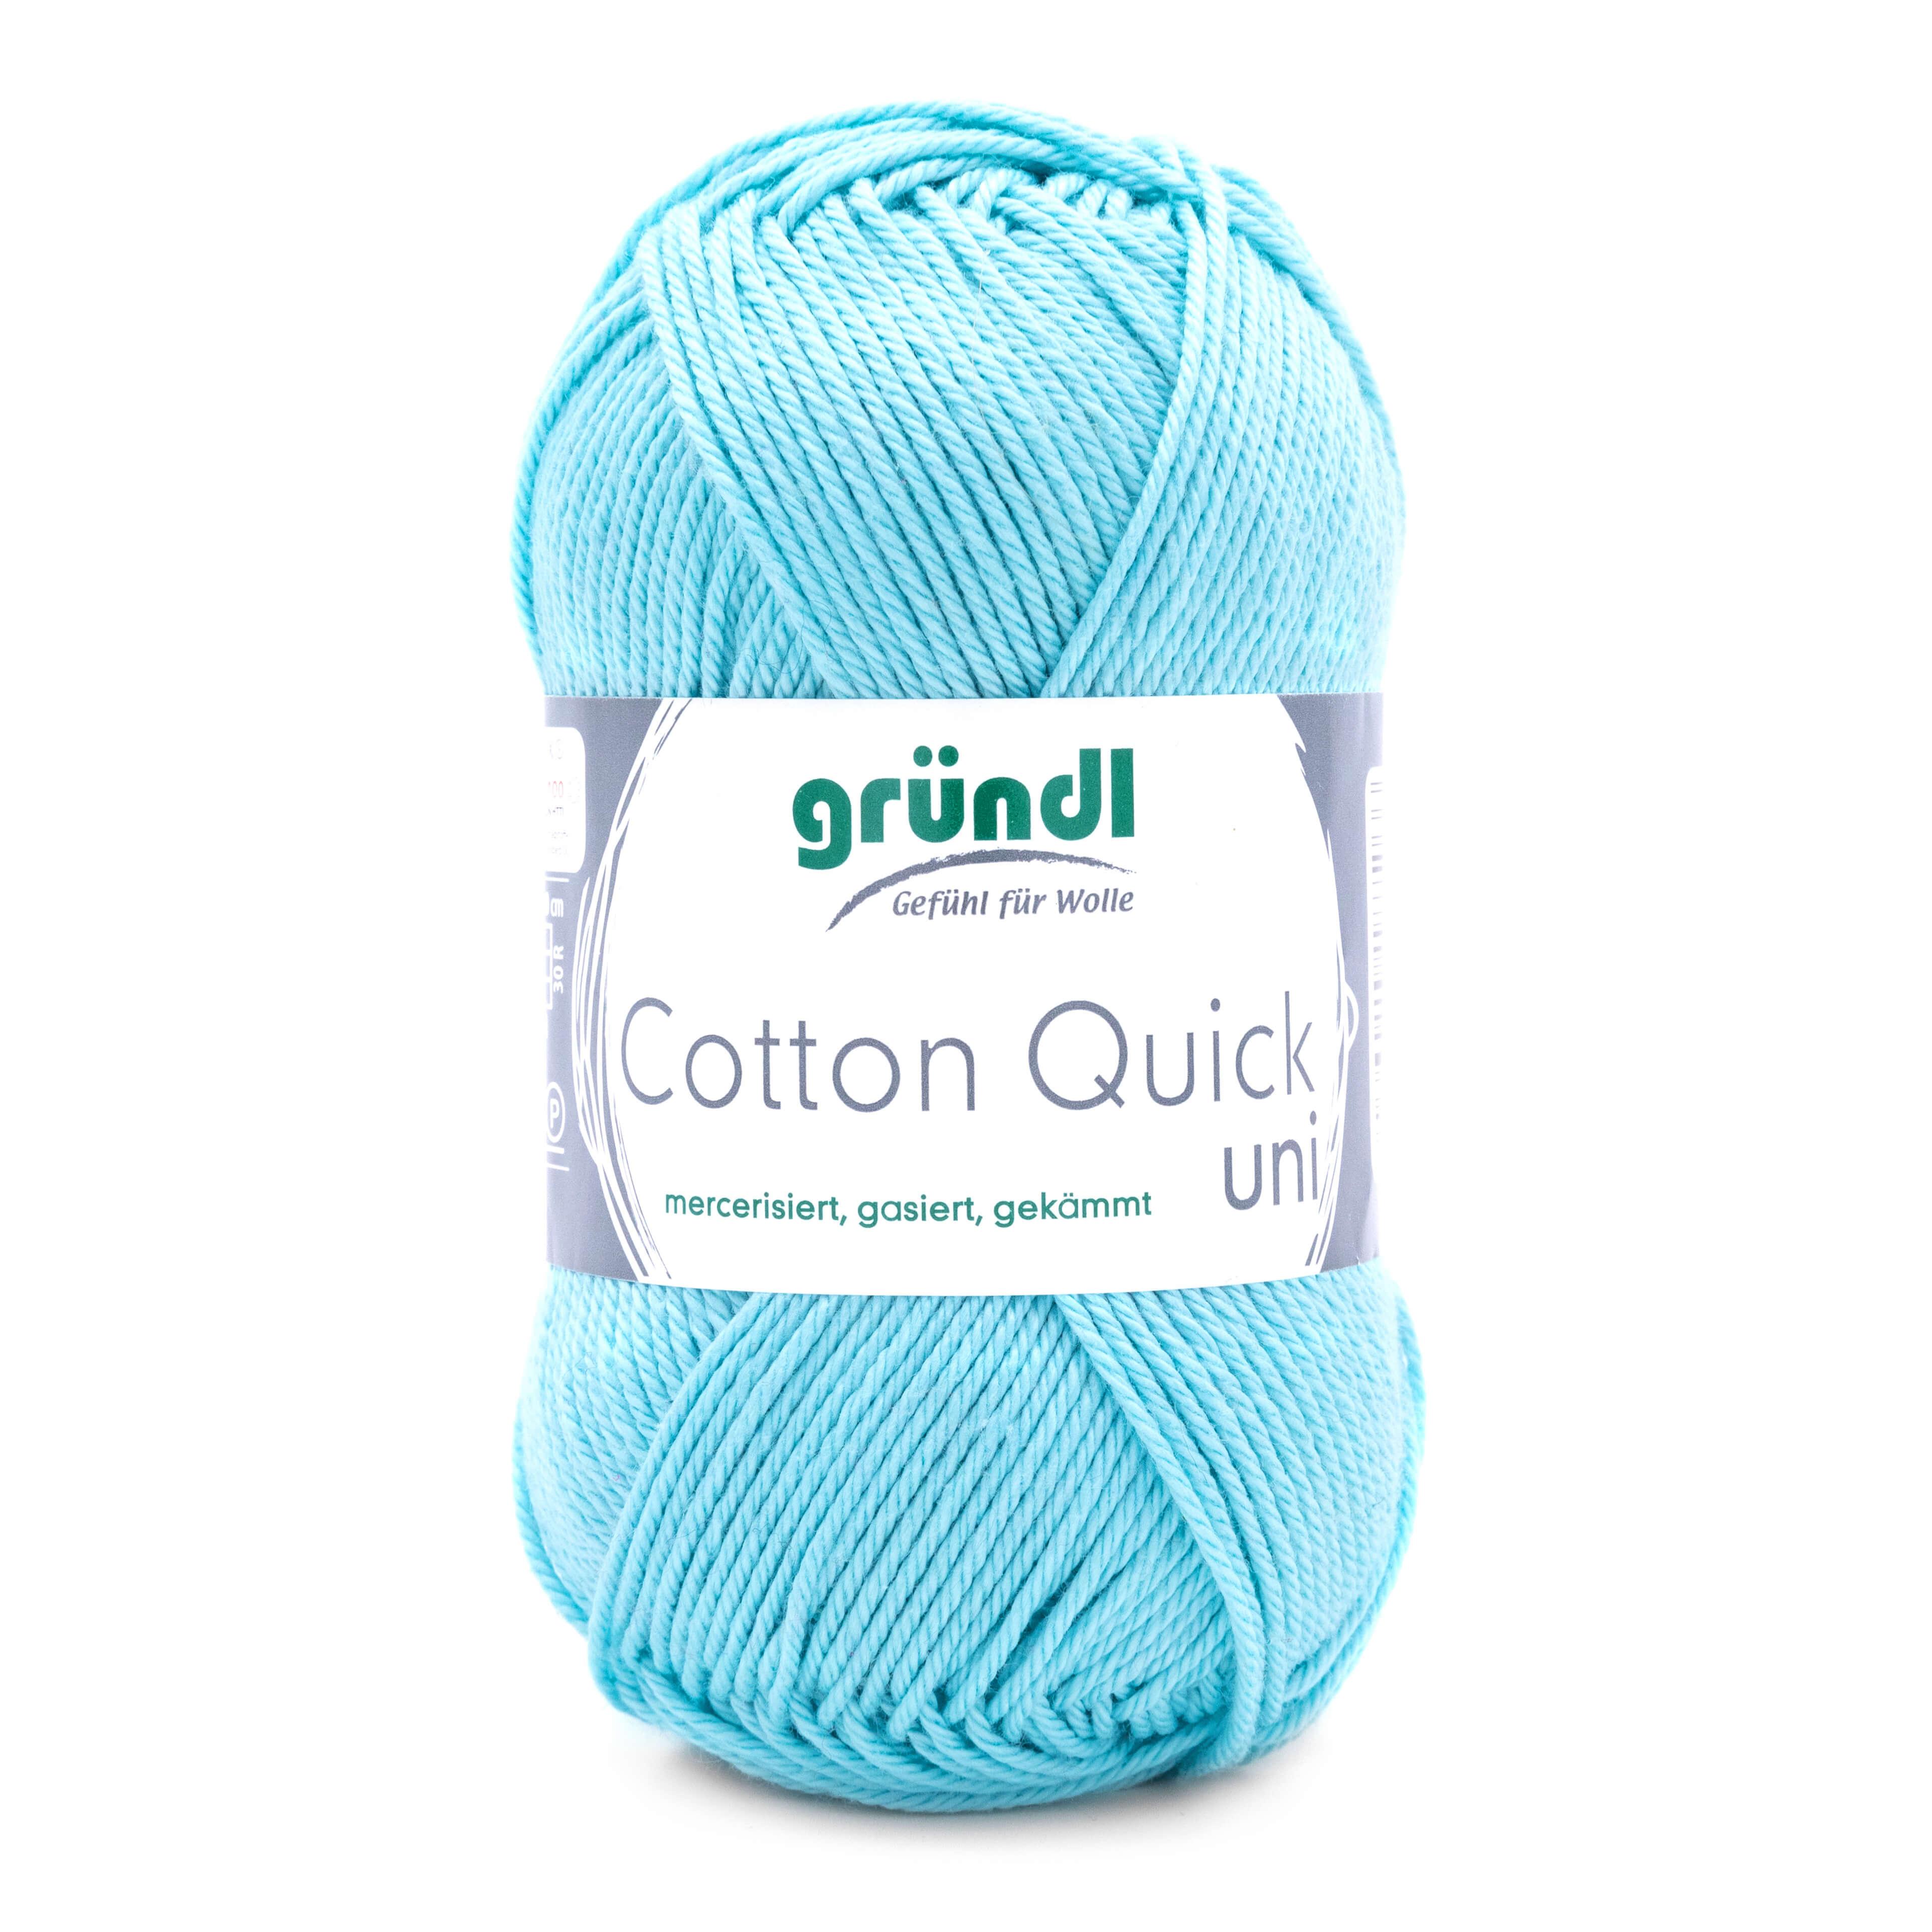 Gründl Cotton Quick uni in der Farbe babyblau. 100% Baumwolle, mercerisiert, gasiert und gekämmt, mit leichtem Glanz. Ideal für Handarbeitsprojekte, zum Basteln, für Amigurumi und Strickprojekte aller Art.